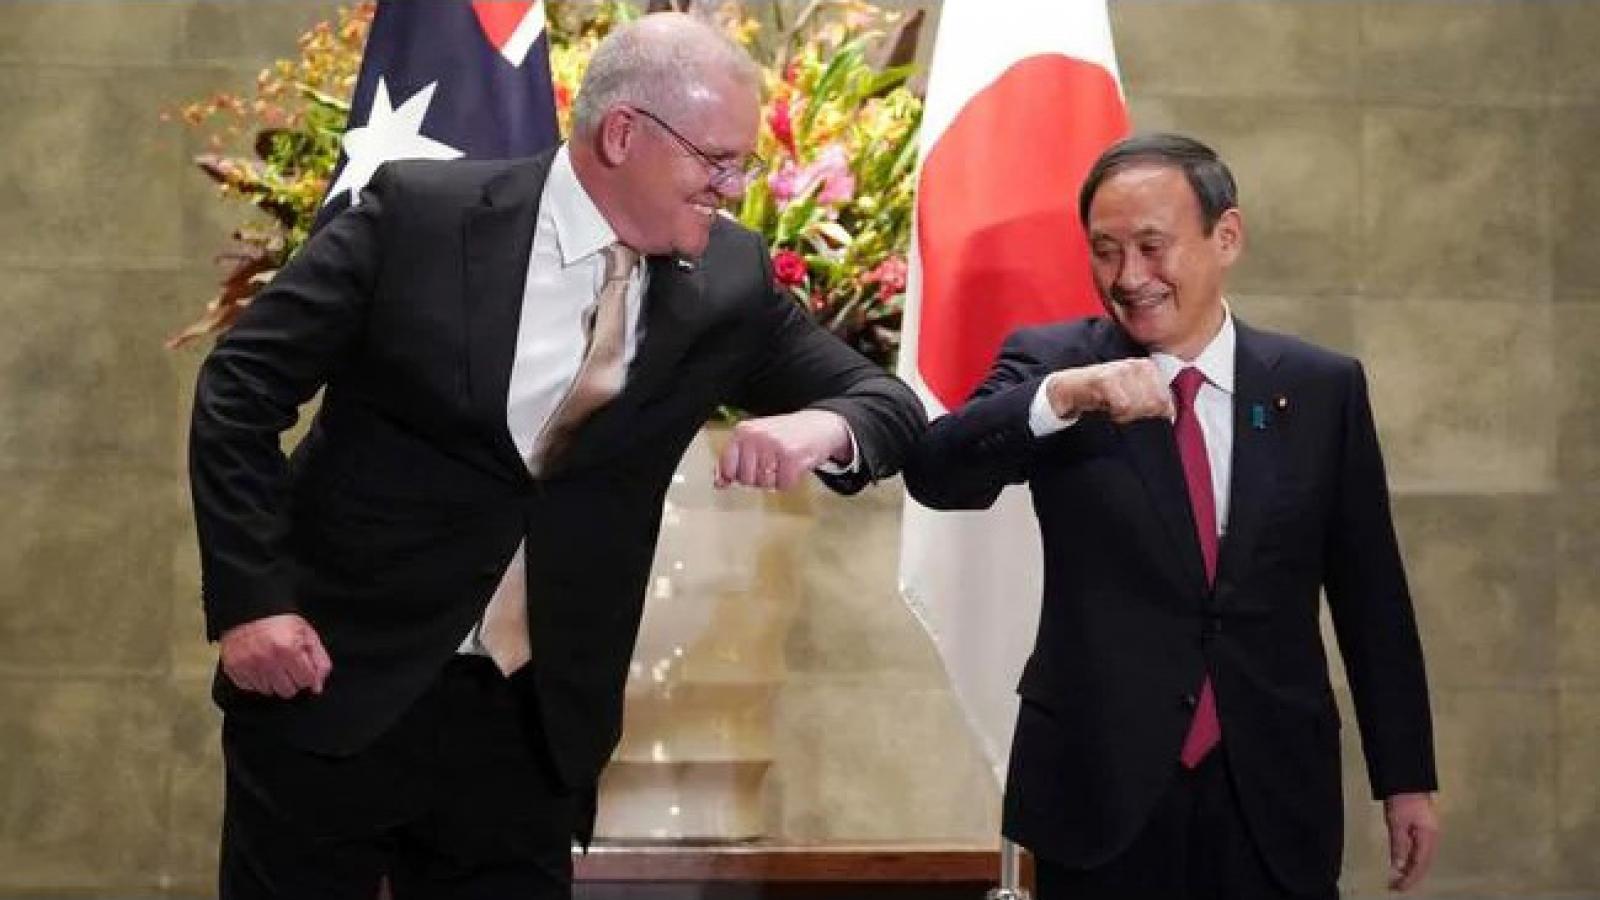 Hiệp ước tiếp cận tương hỗ: Bước tiến mới trong quan hệ Australia-Nhật Bản